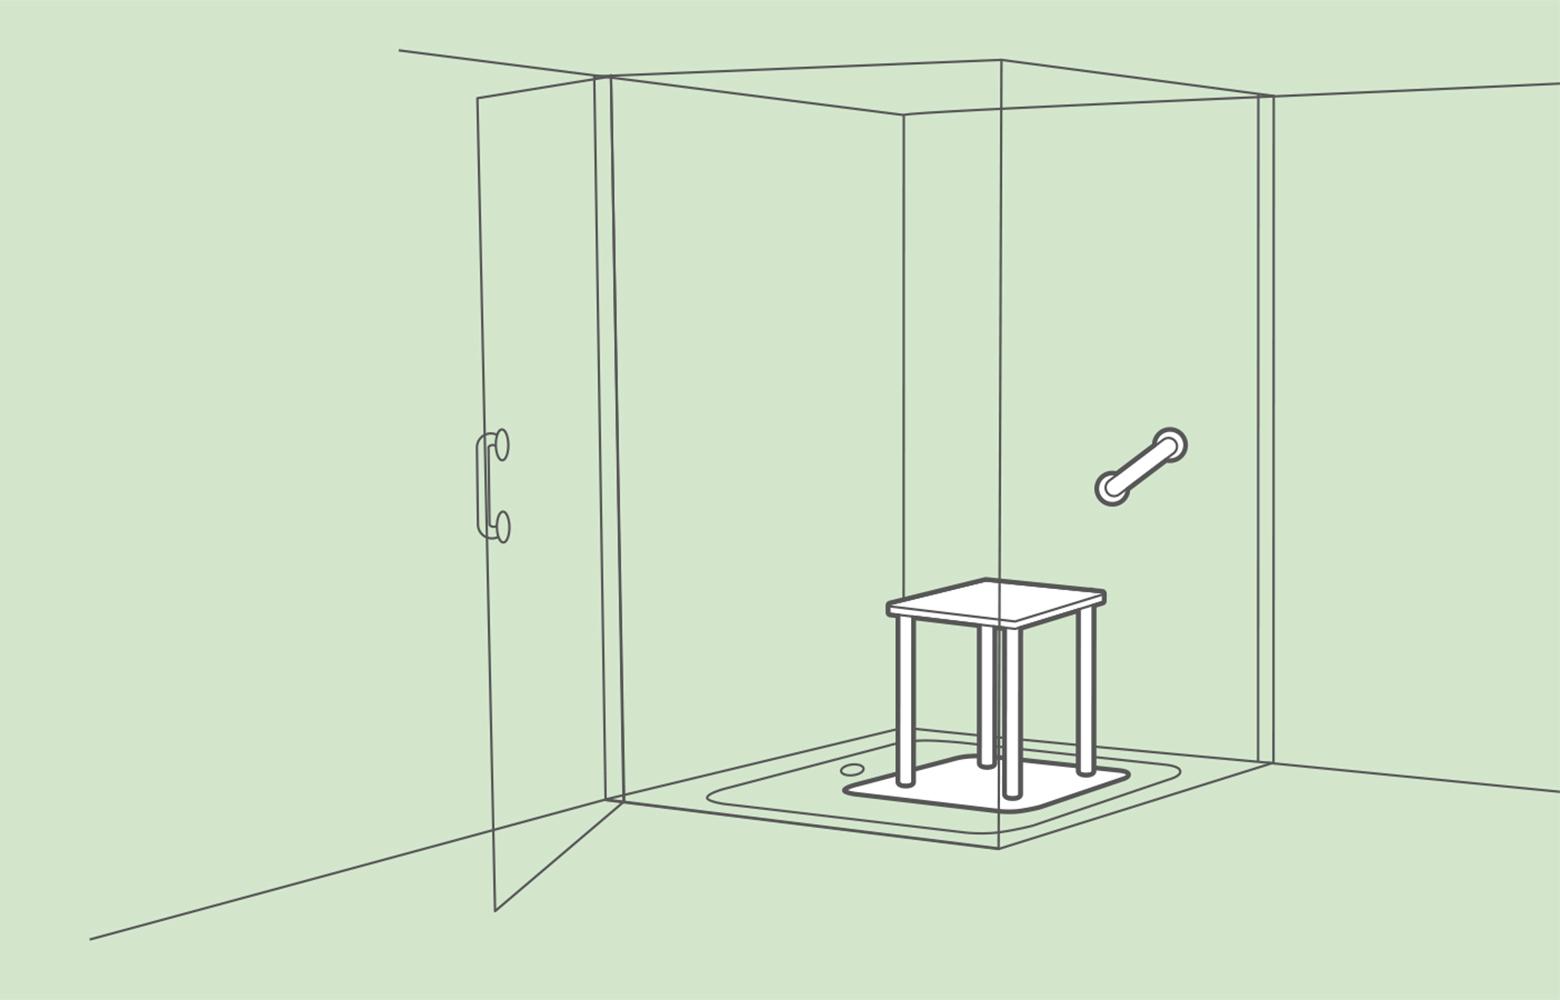 Full Size of Behindertengerechte Dusche Barrierefreie Pflegede Bodengleiche Duschen Unterputz Armatur Thermostat Glasabtrennung Nachträglich Einbauen Ebenerdige Kosten Dusche Dusche Ebenerdig